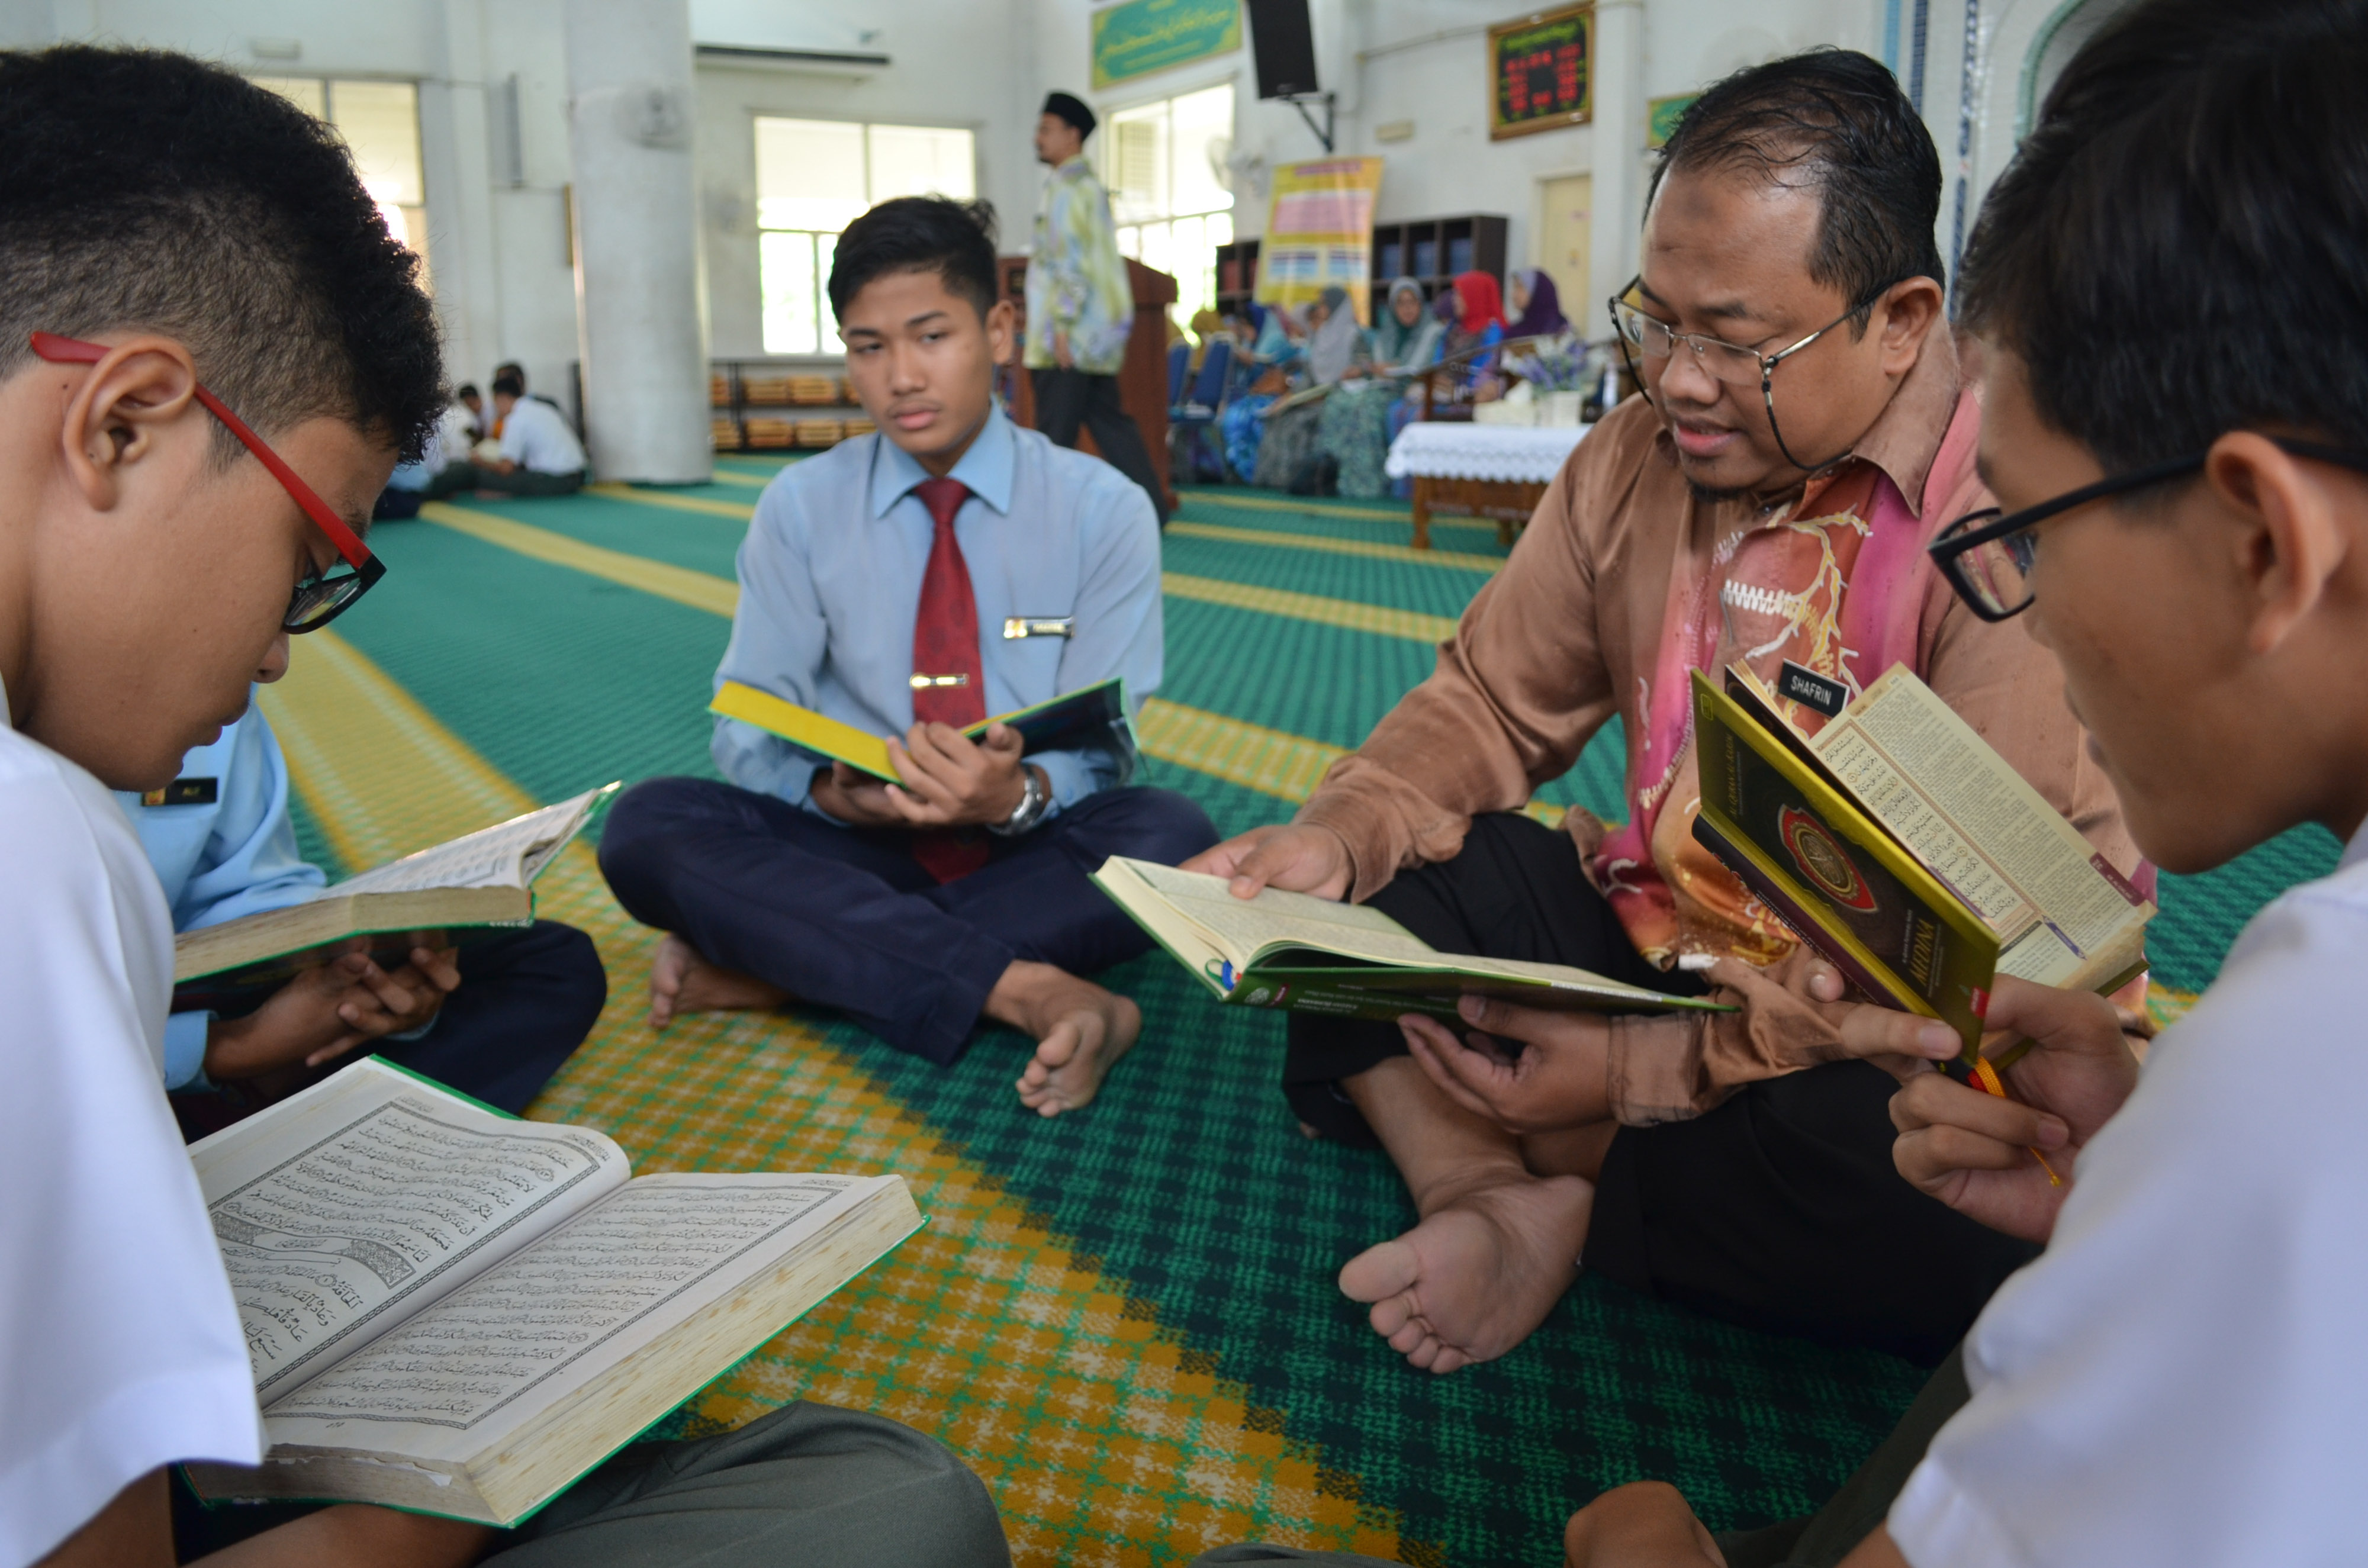 Pada 16 Jun 2016 yang lepas, Y.M.Raja Datin Seri  Hajah  Salbiah  Binti  Tengku  Nujumudin telah berkunjung ke SDAR untuk lawatan Rasmi sempena Program Tadarus & Khatam Al – Quran Perdana 2016 . Majlis ini diadakan di Masjid Al Quds SDAR.